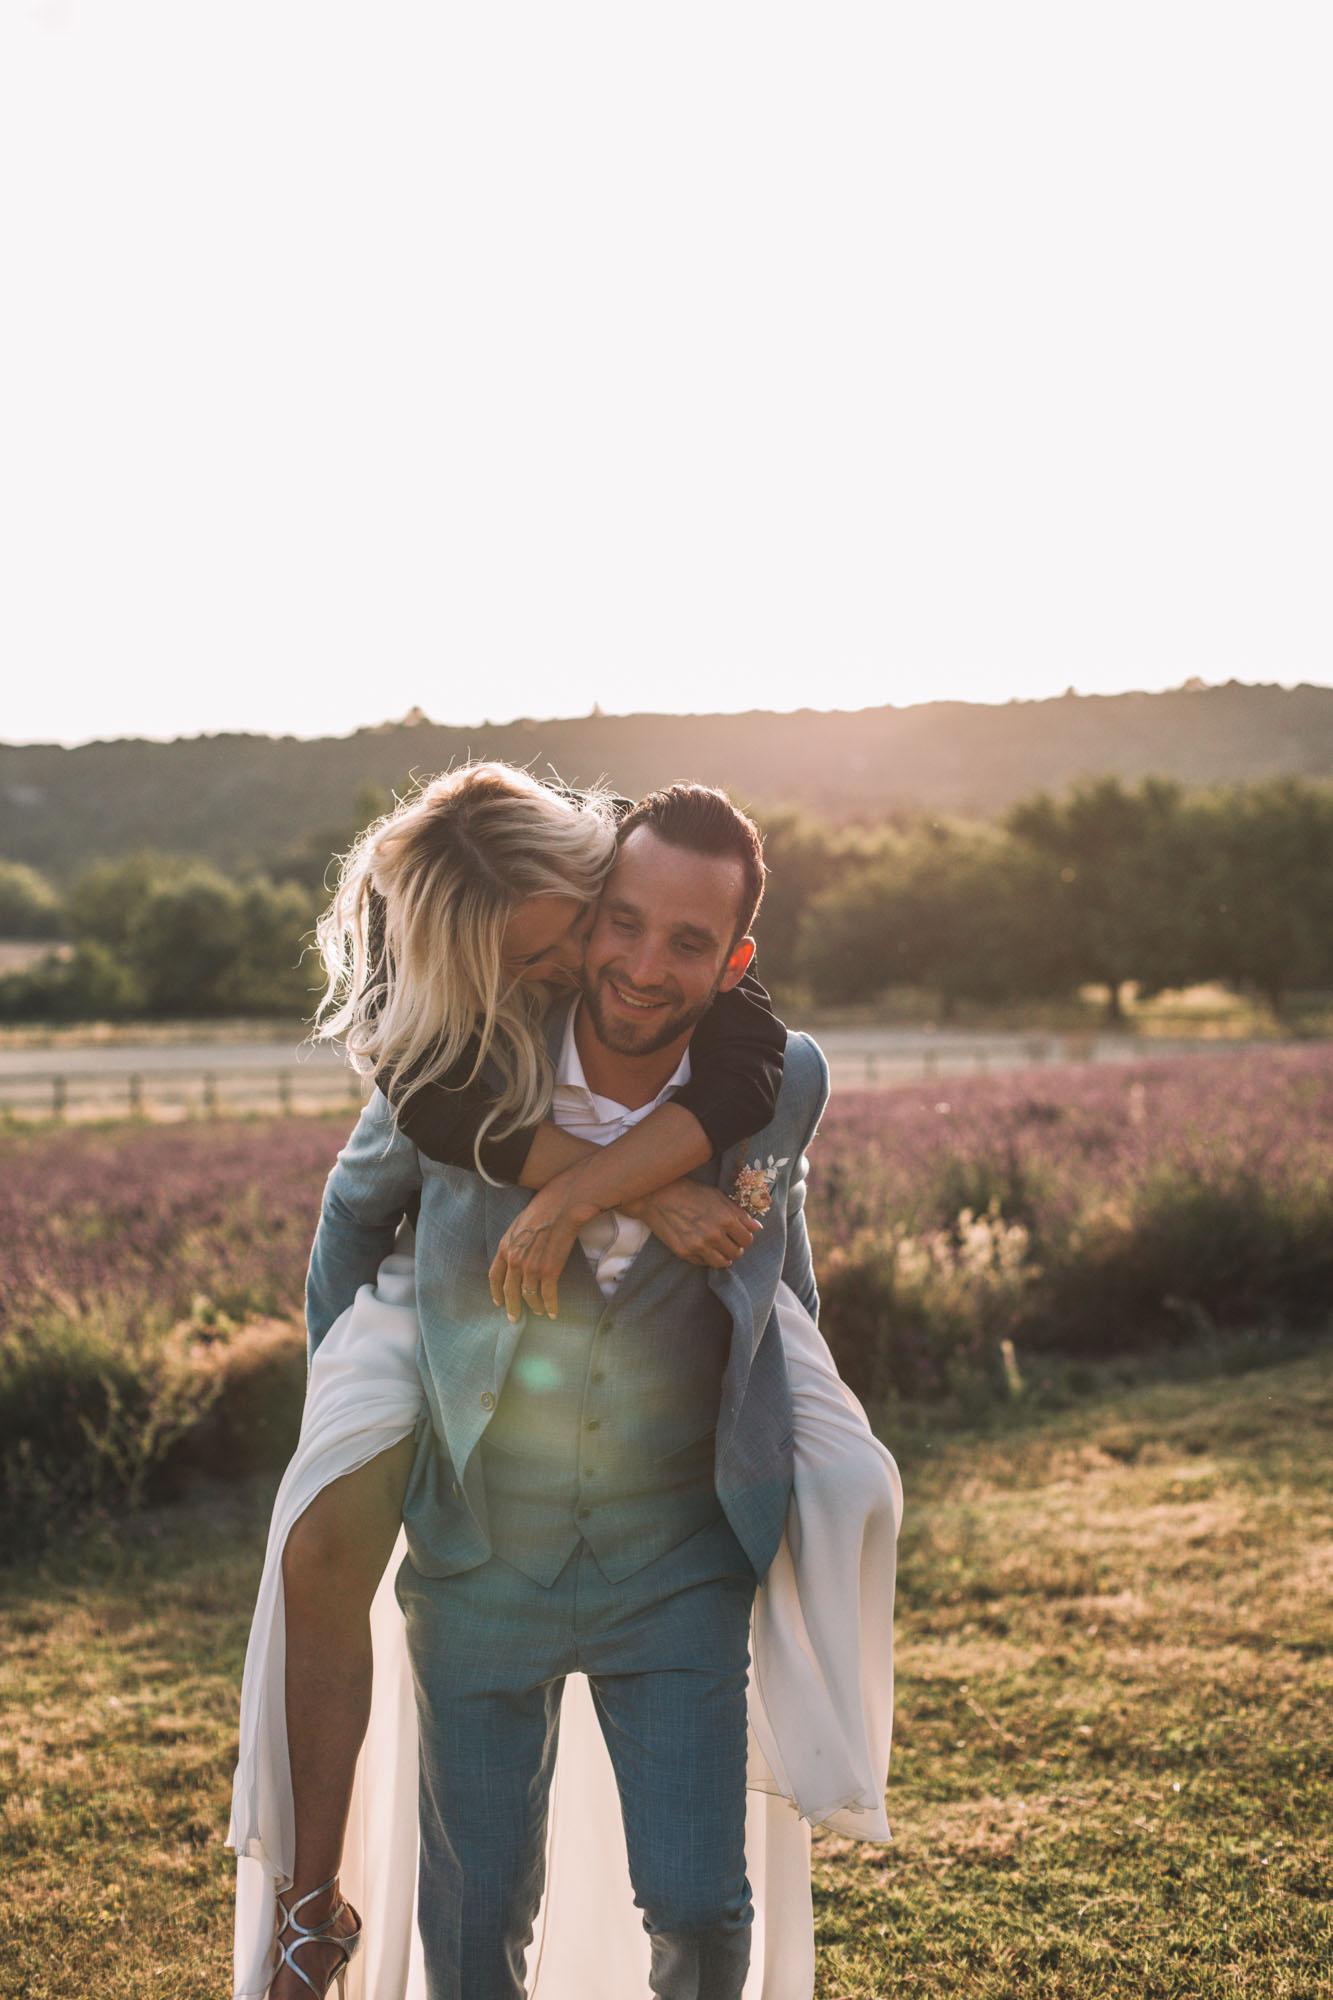 SANDDY+SIMON_LES DOMAINES DE PATRAS_PHOTOGRAPHE_MARIAGE_LES BANDITS-42